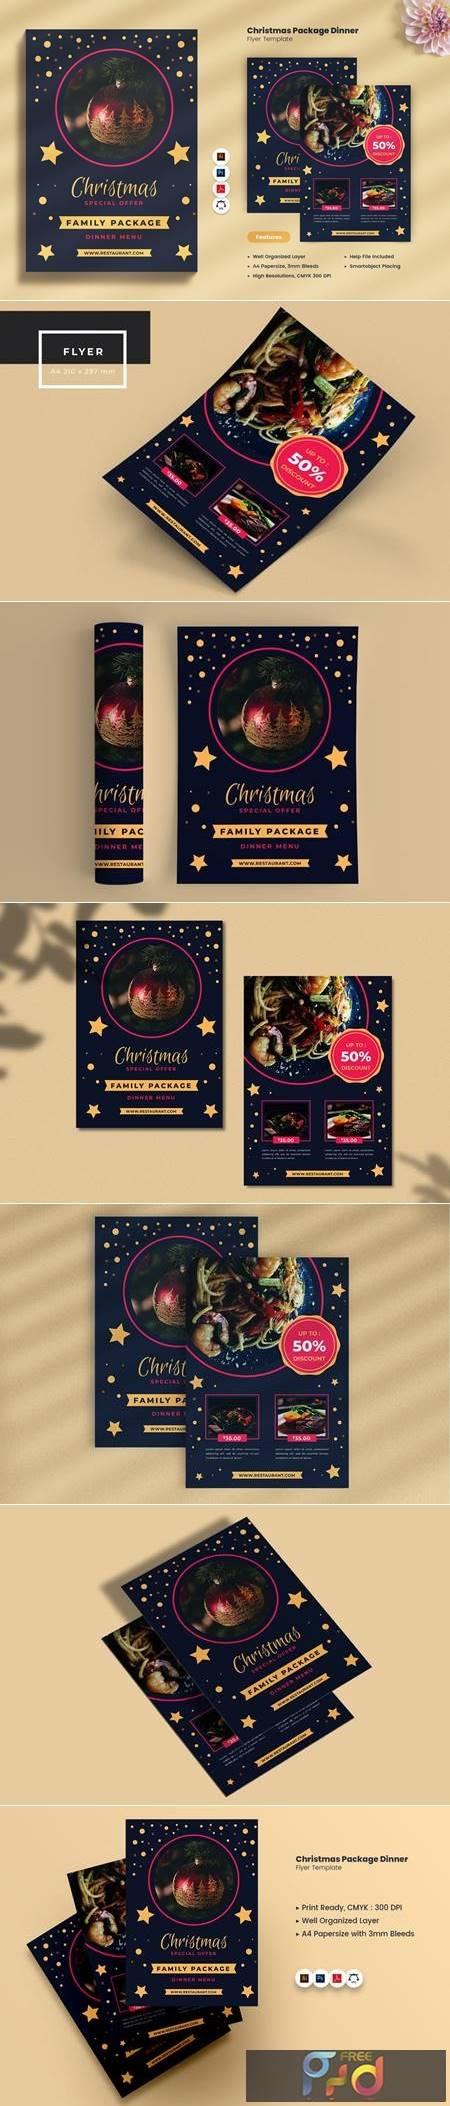 Christmas Eve Package Dinner Flyer 4FVZ9V9 1